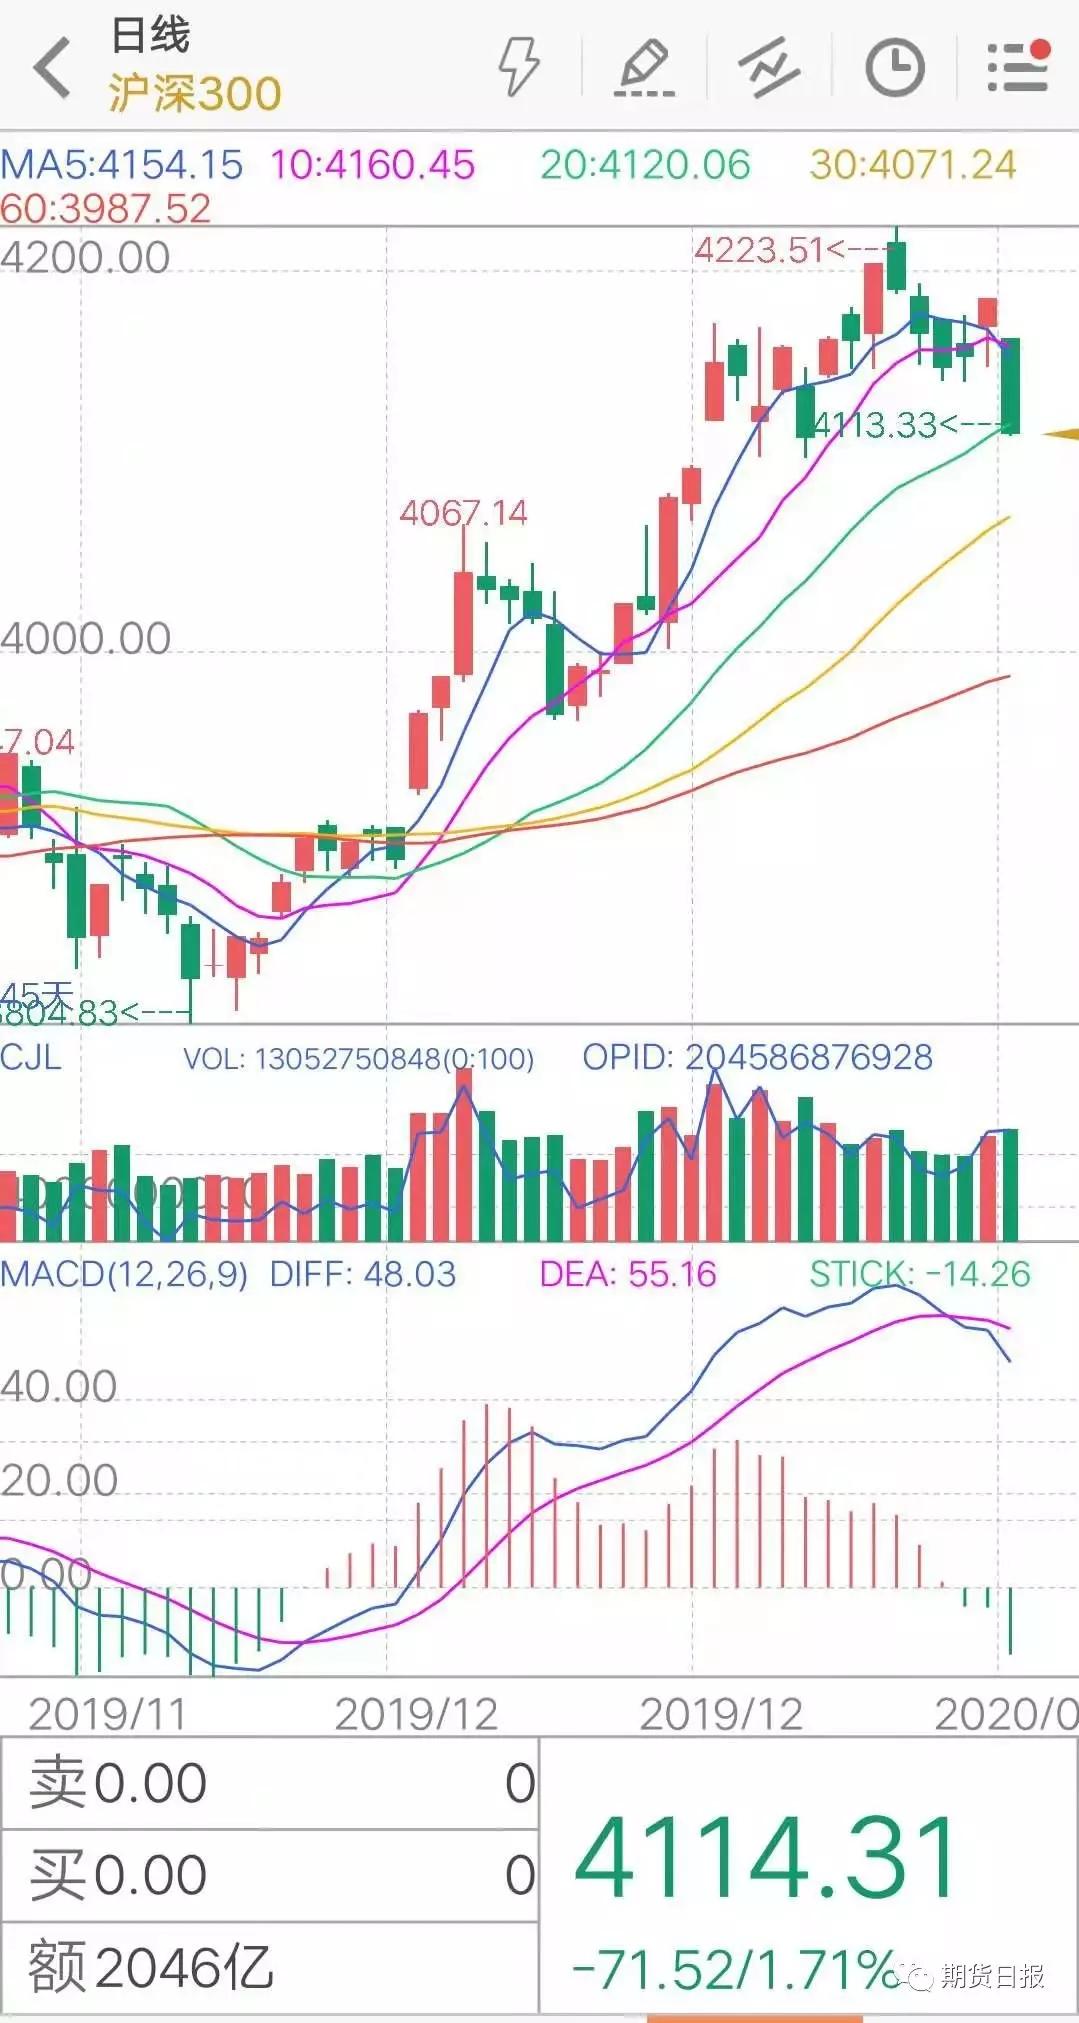 """金石期货分析师黄李强则认为,此次疫情对于医药股将会产生较强的提振,而对于旅游和运输板块股票则会产生利空作用,这从近期的盘面以及2003年""""非典""""疫情时的股市表现可以得出结论。"""